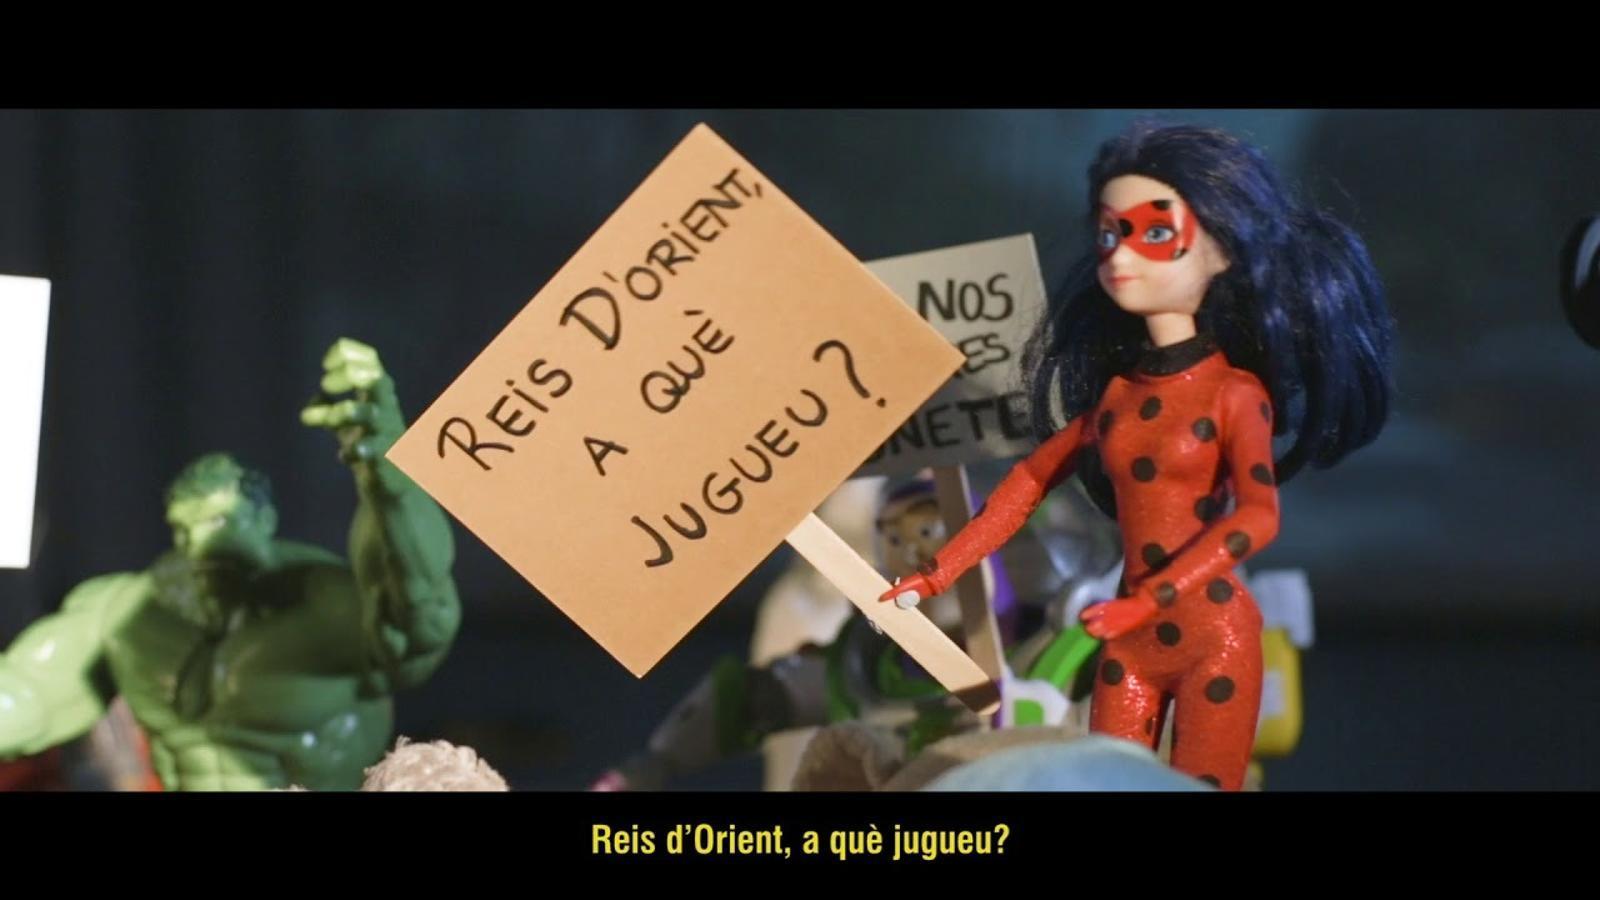 """""""Amb les joguines no s'hi juga"""": una campanya de l'escola Fructuós Gelabert contra els estereotips de gènere"""